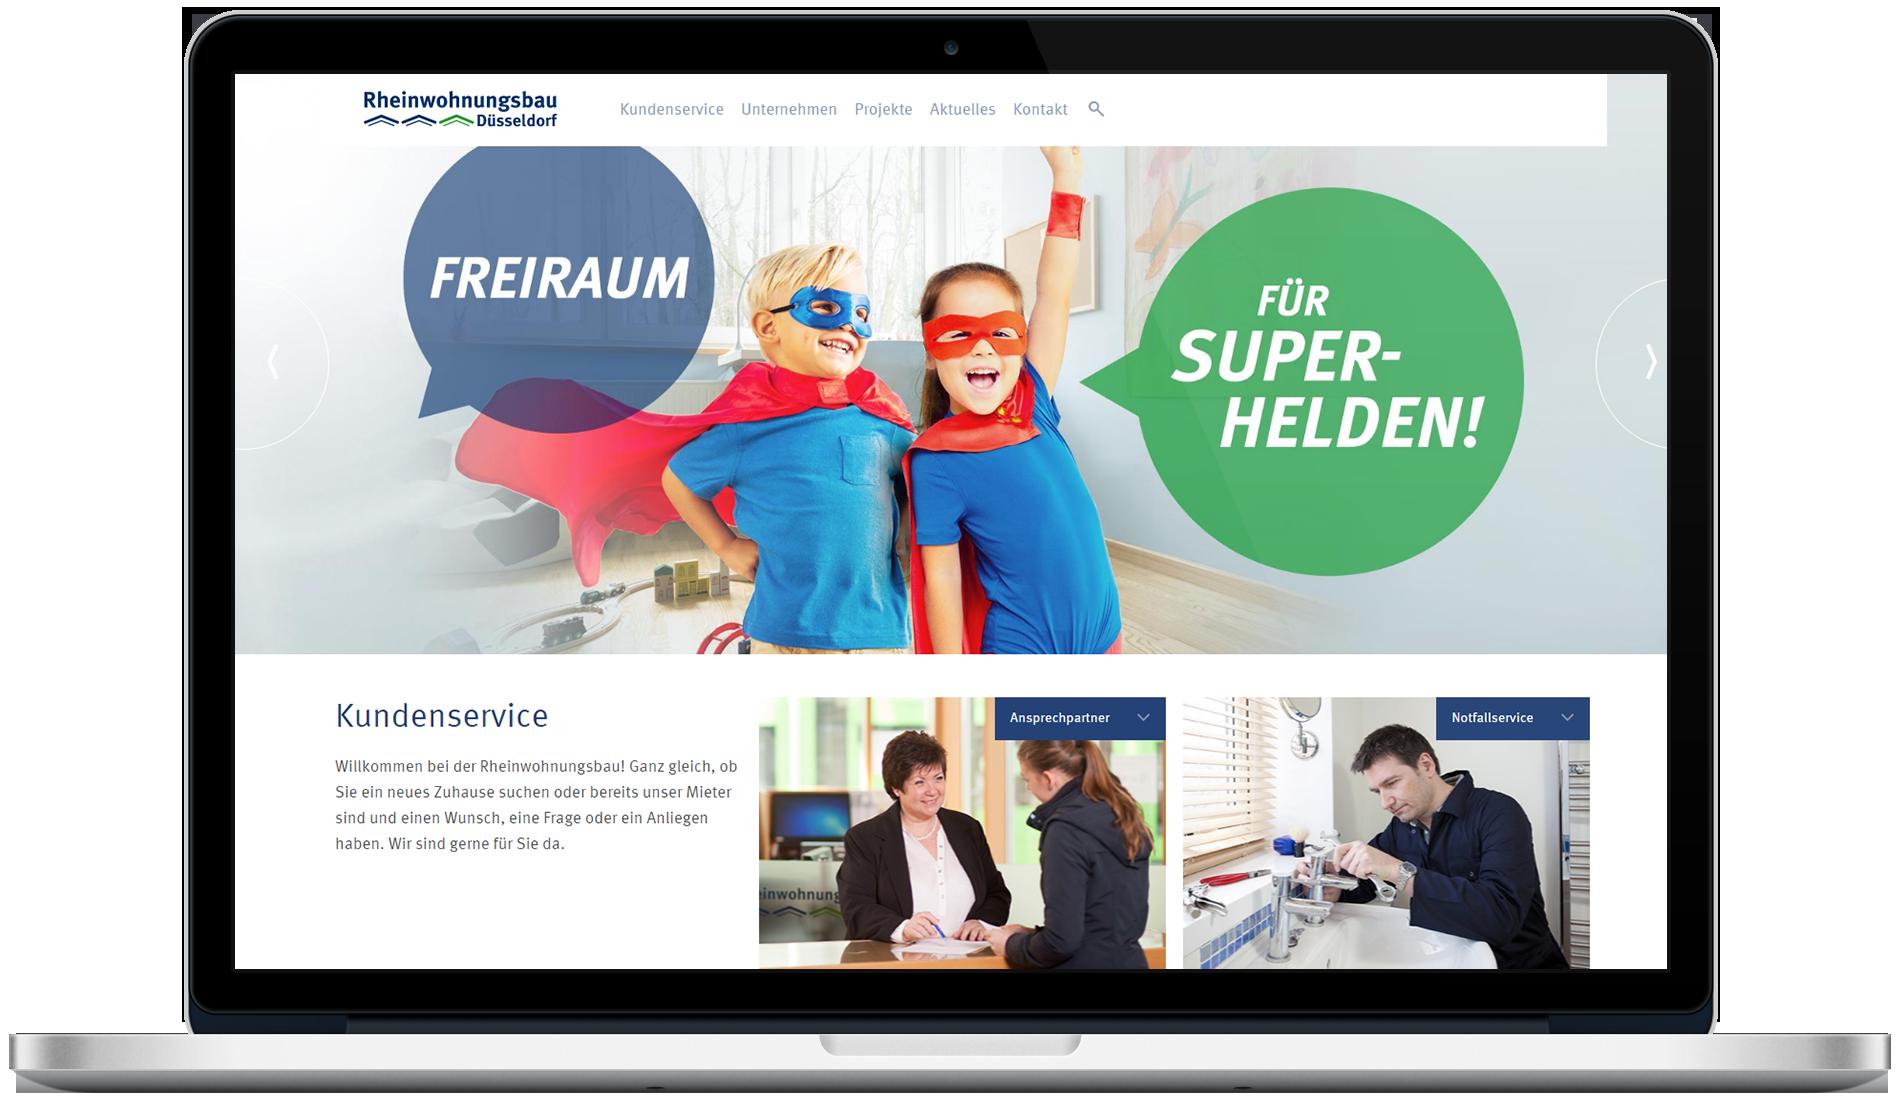 rheinwohnungsbau-website-startseite_desktop